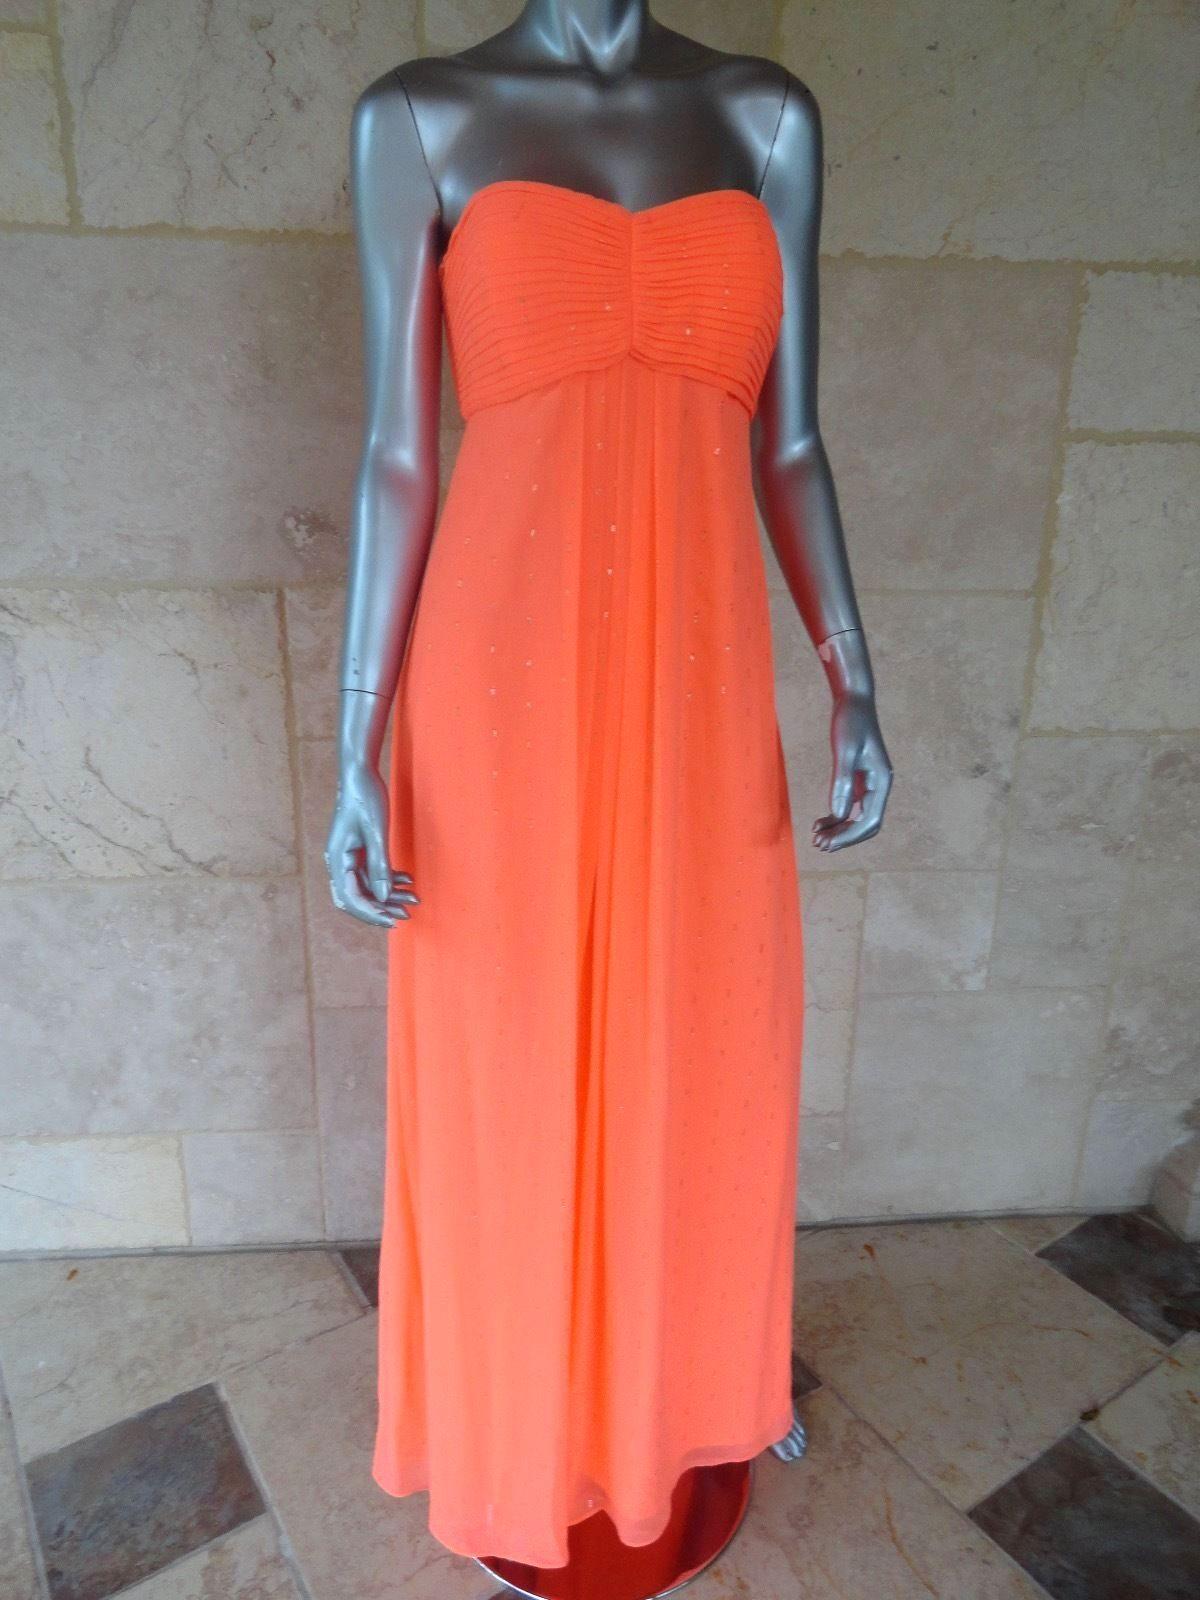 238 AQUA orange Metallic Prom Strapless Semi-Formal Dress Gown Sz 8 NWT